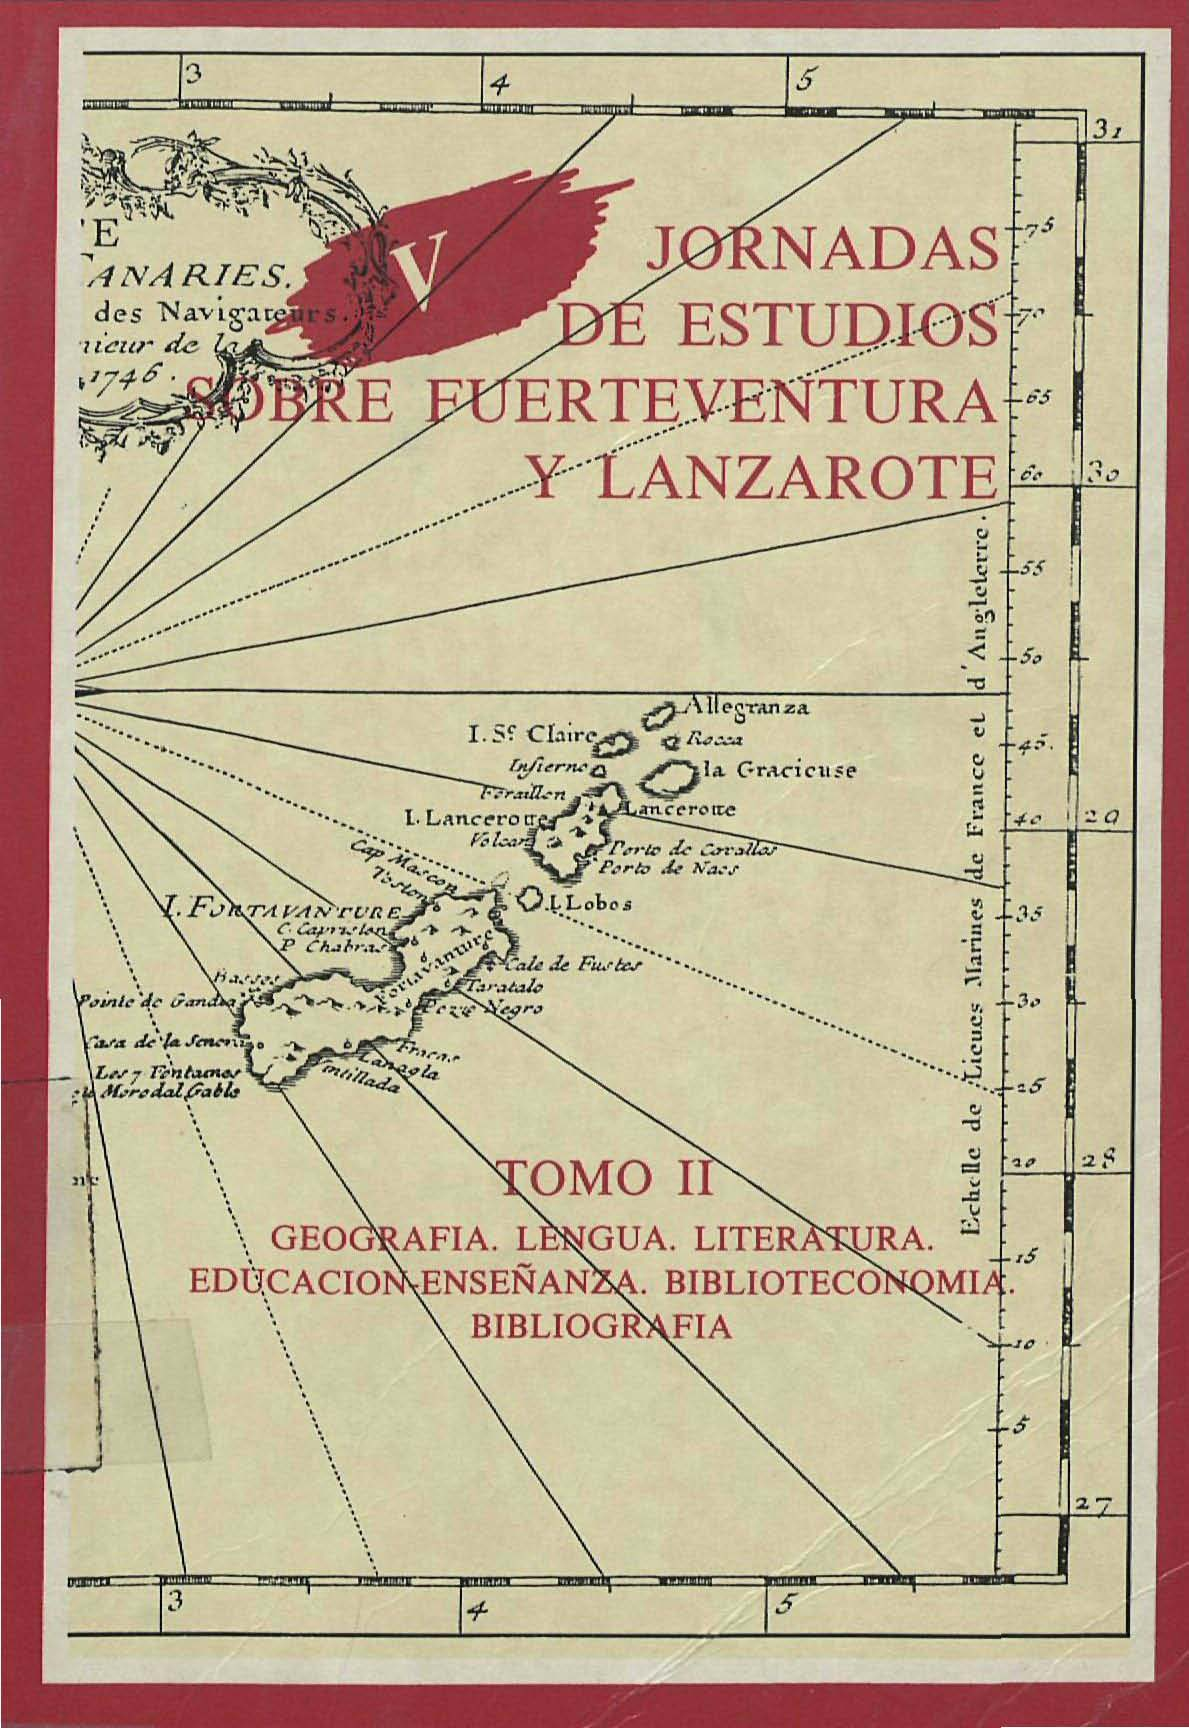 Alfabetización y economía en Arrecife de Lanzarote (1924-1935)